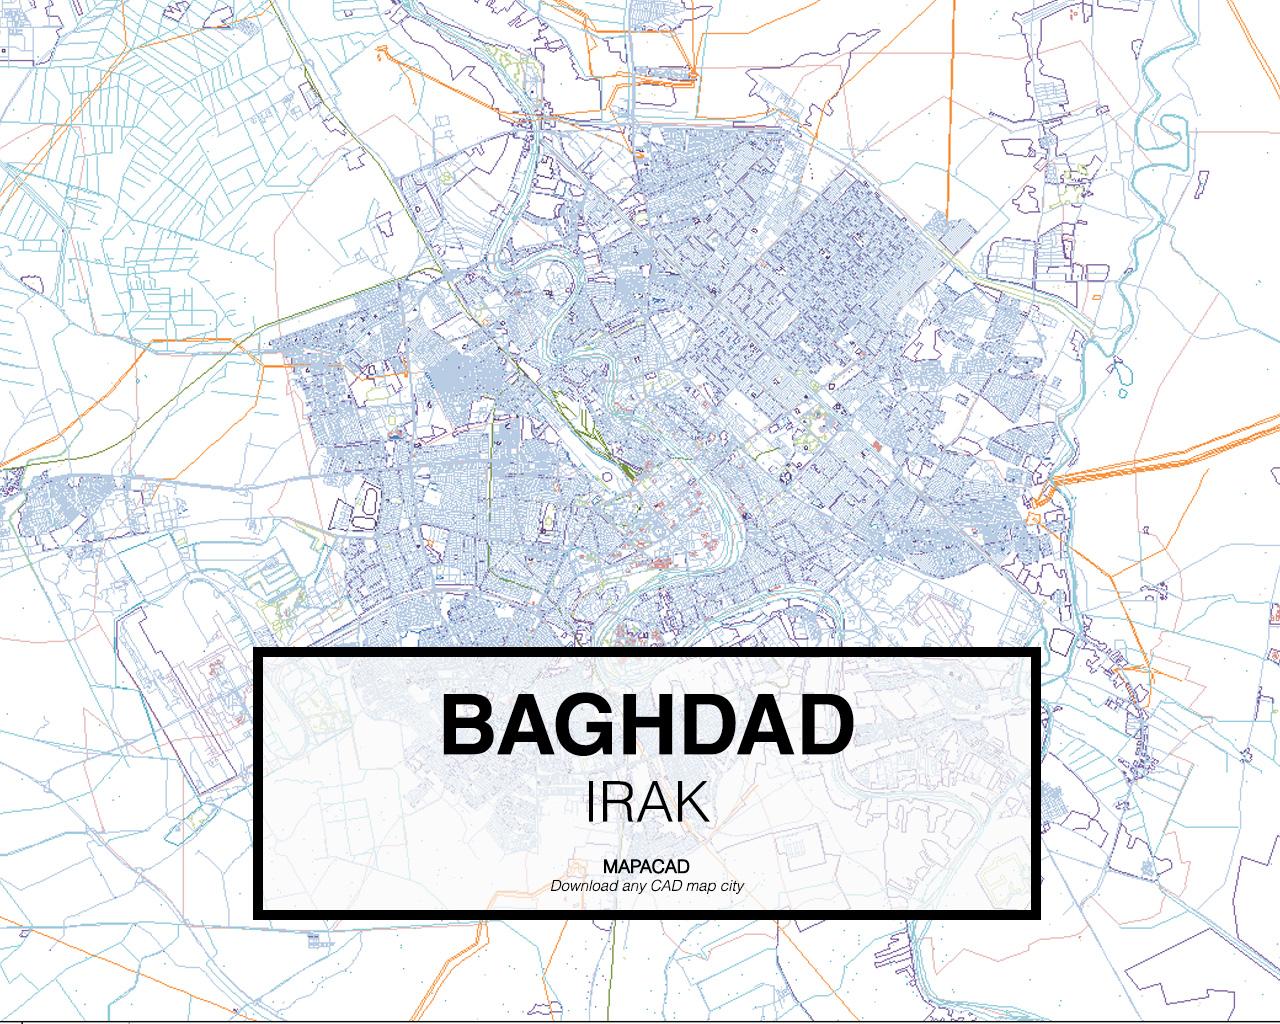 baghdad irak 01 mapacad download map cad dwg